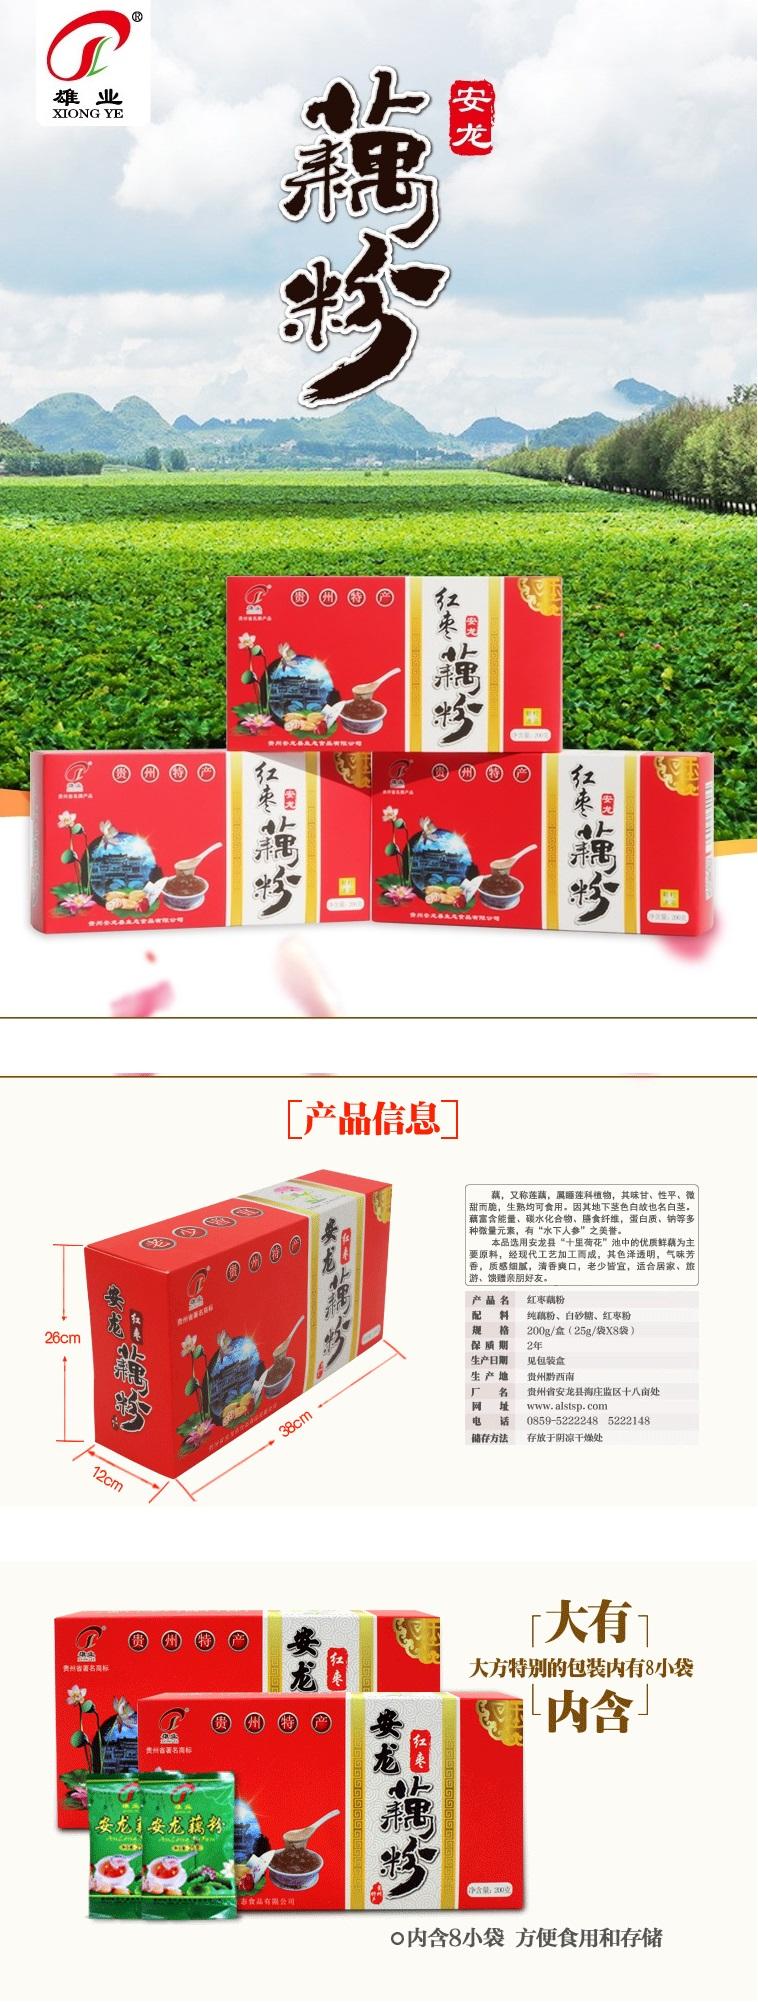 贵州特产  雄业牌安龙红枣藕粉盒装营养冲调饮品200g